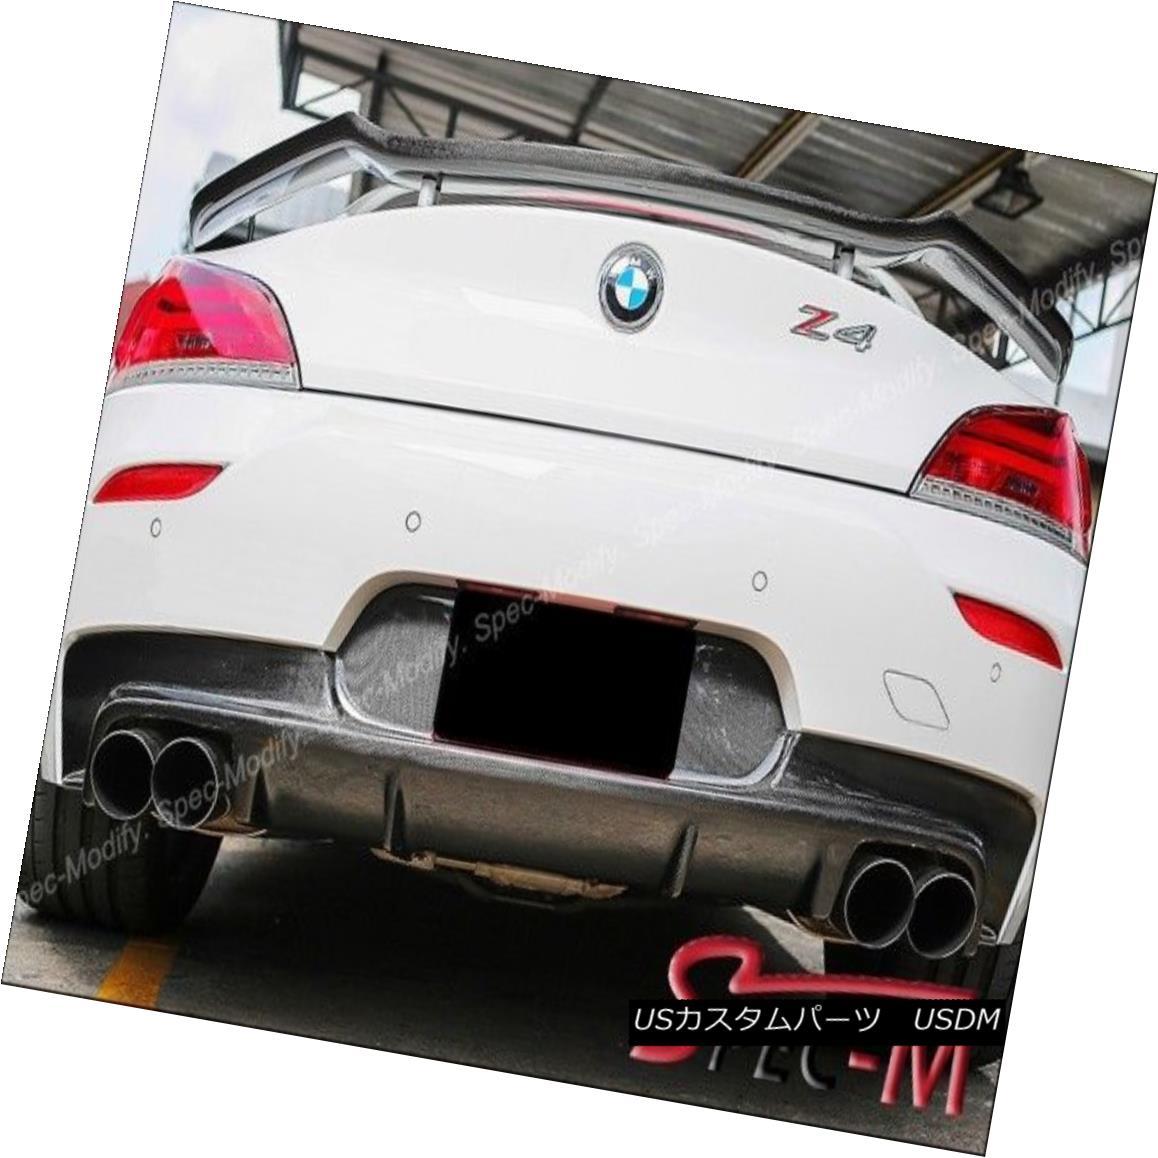 エアロパーツ CARBON FIBER ROWEN STYLE REAR TRUNK SPOILER WING FIT 2009+ BMW E89 Z4 カーボンファイバーローエンスタイルリアトランクスポイラーウィングフィット2009+ BMW E89 Z4